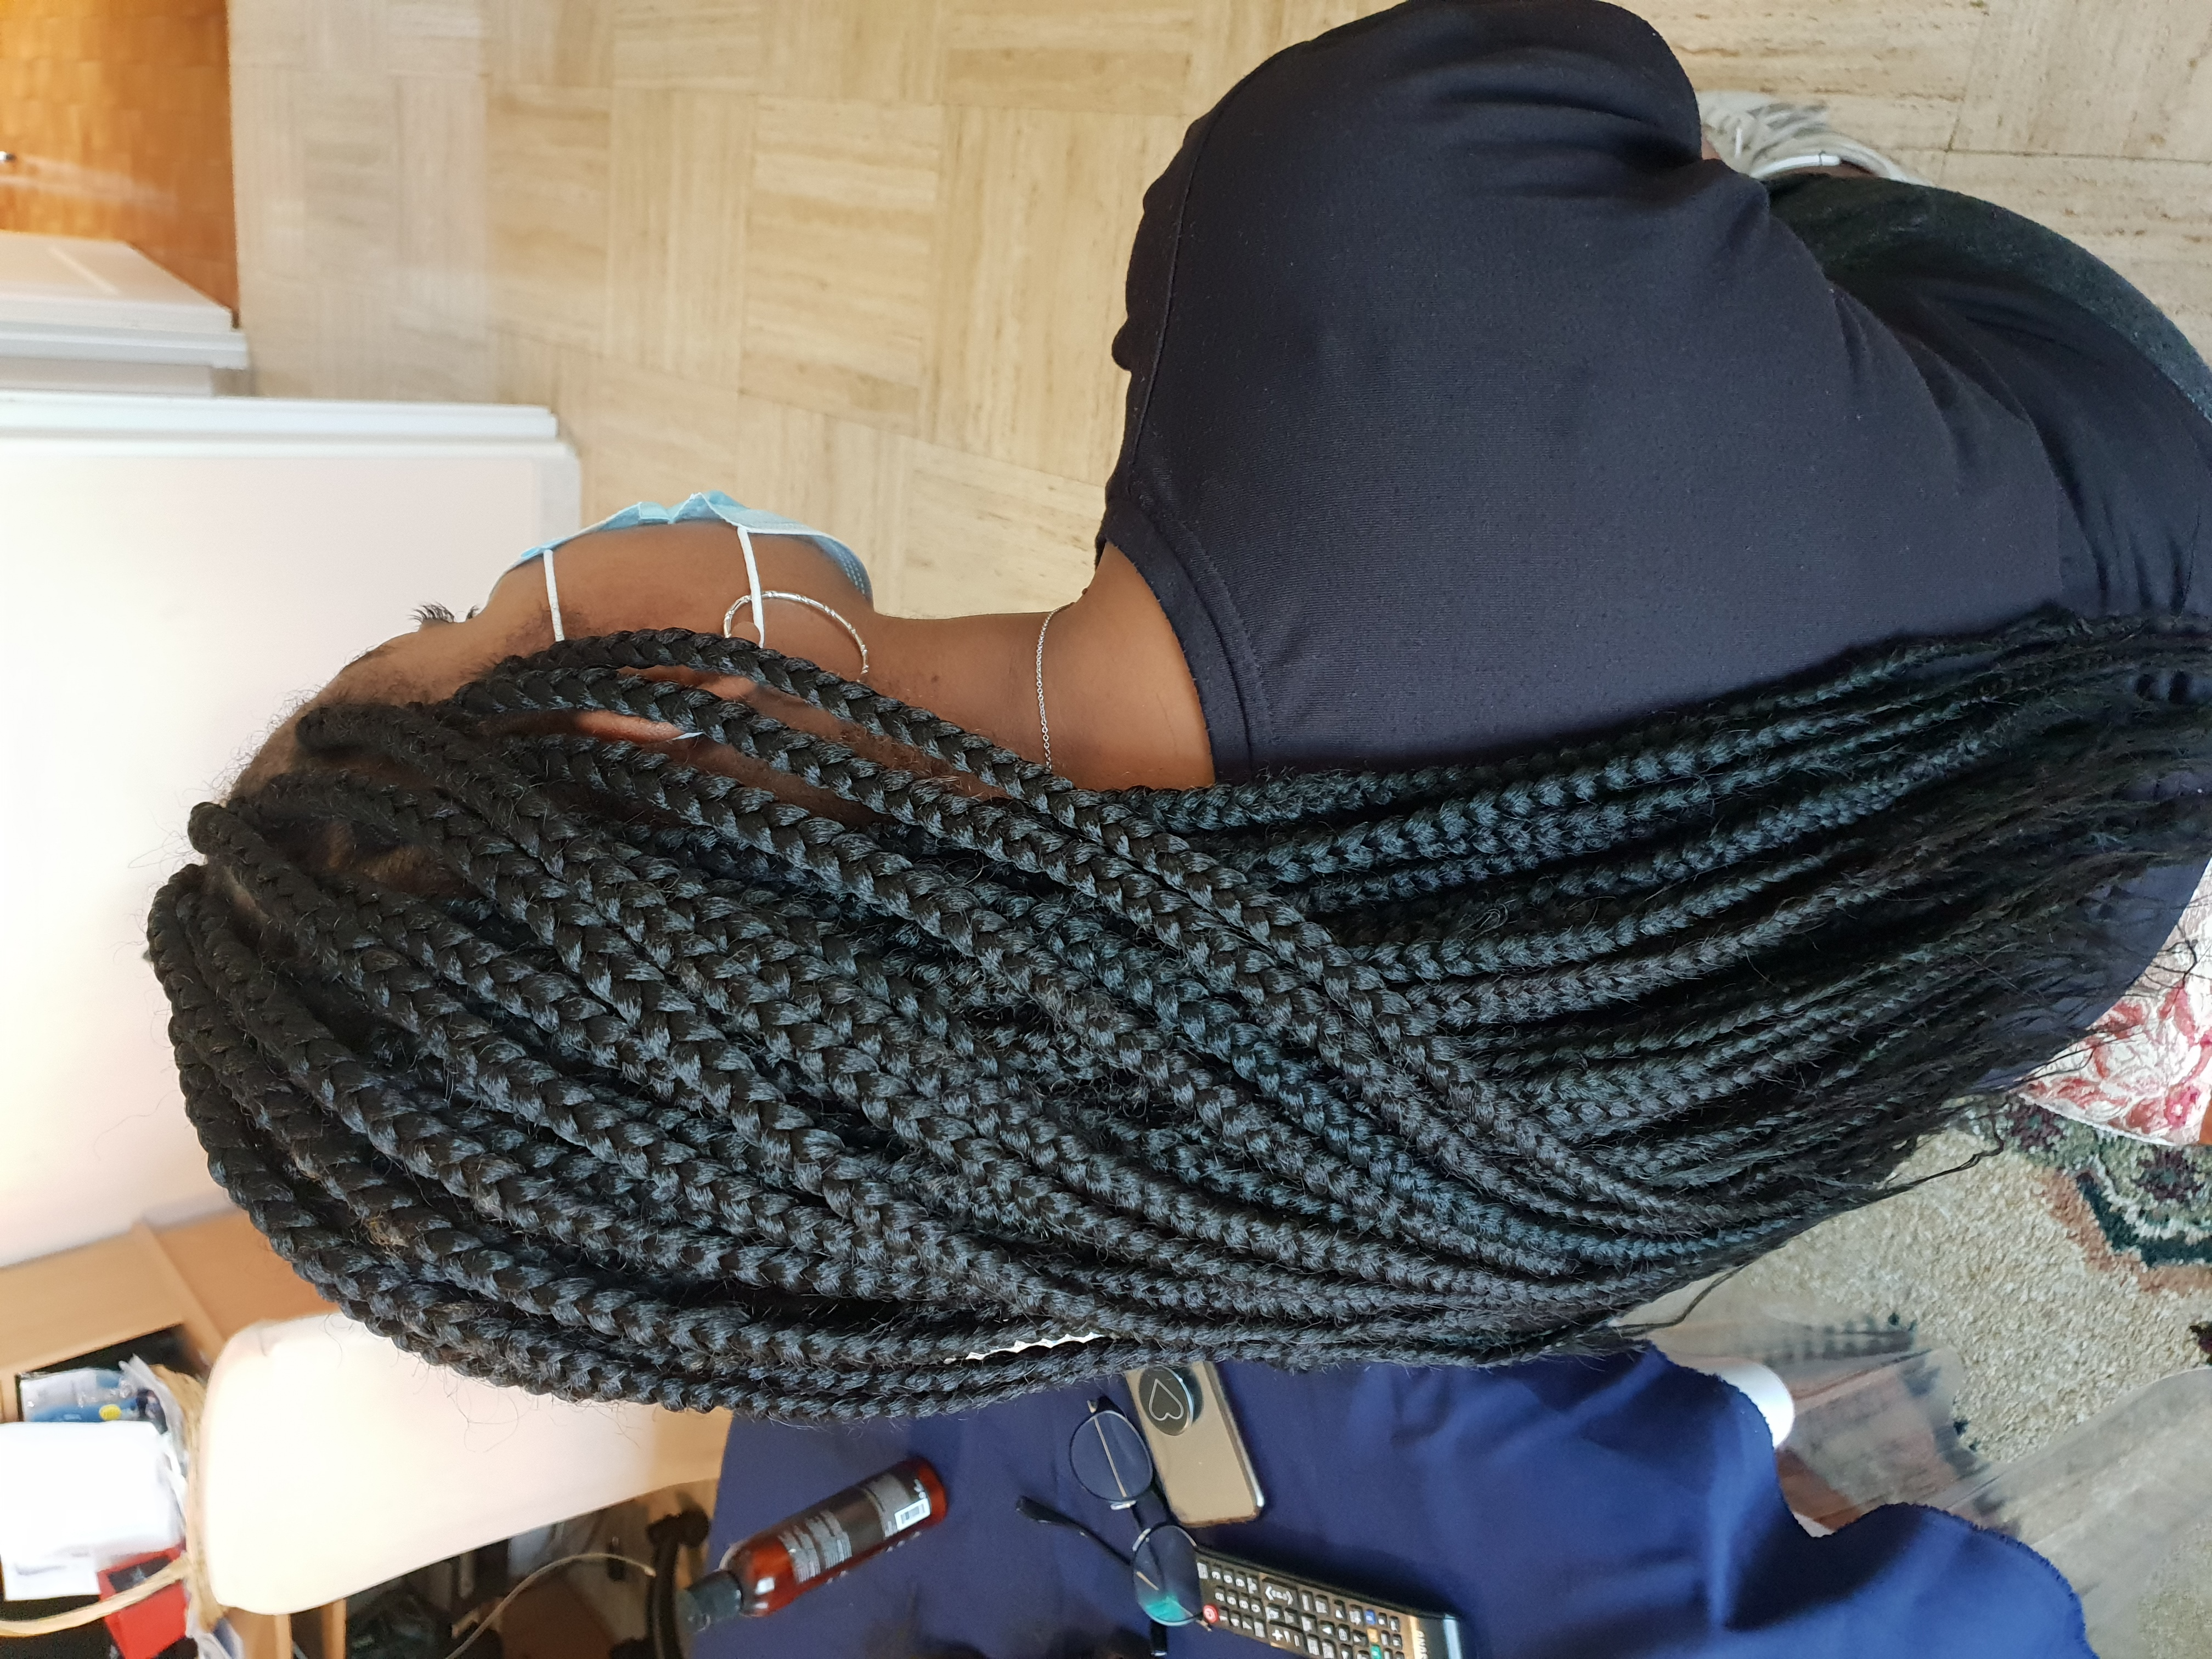 salon de coiffure afro tresse tresses box braids crochet braids vanilles tissages paris 75 77 78 91 92 93 94 95 NTJRCWVS